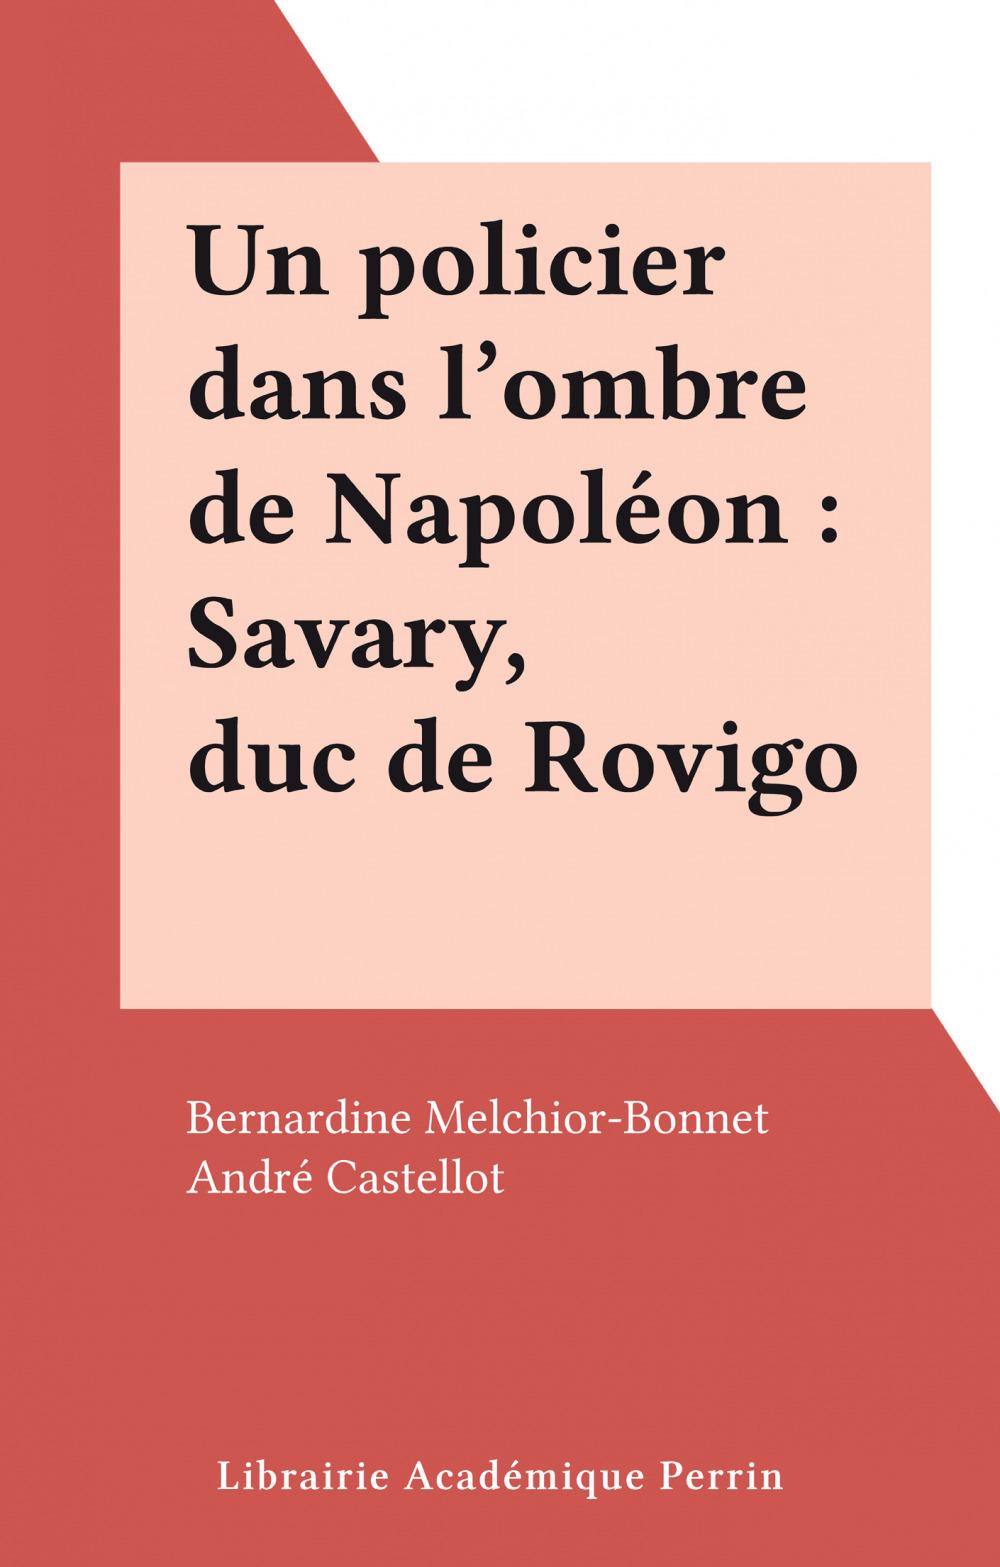 Un policier dans l'ombre de Napoléon : Savary, duc de Rovigo